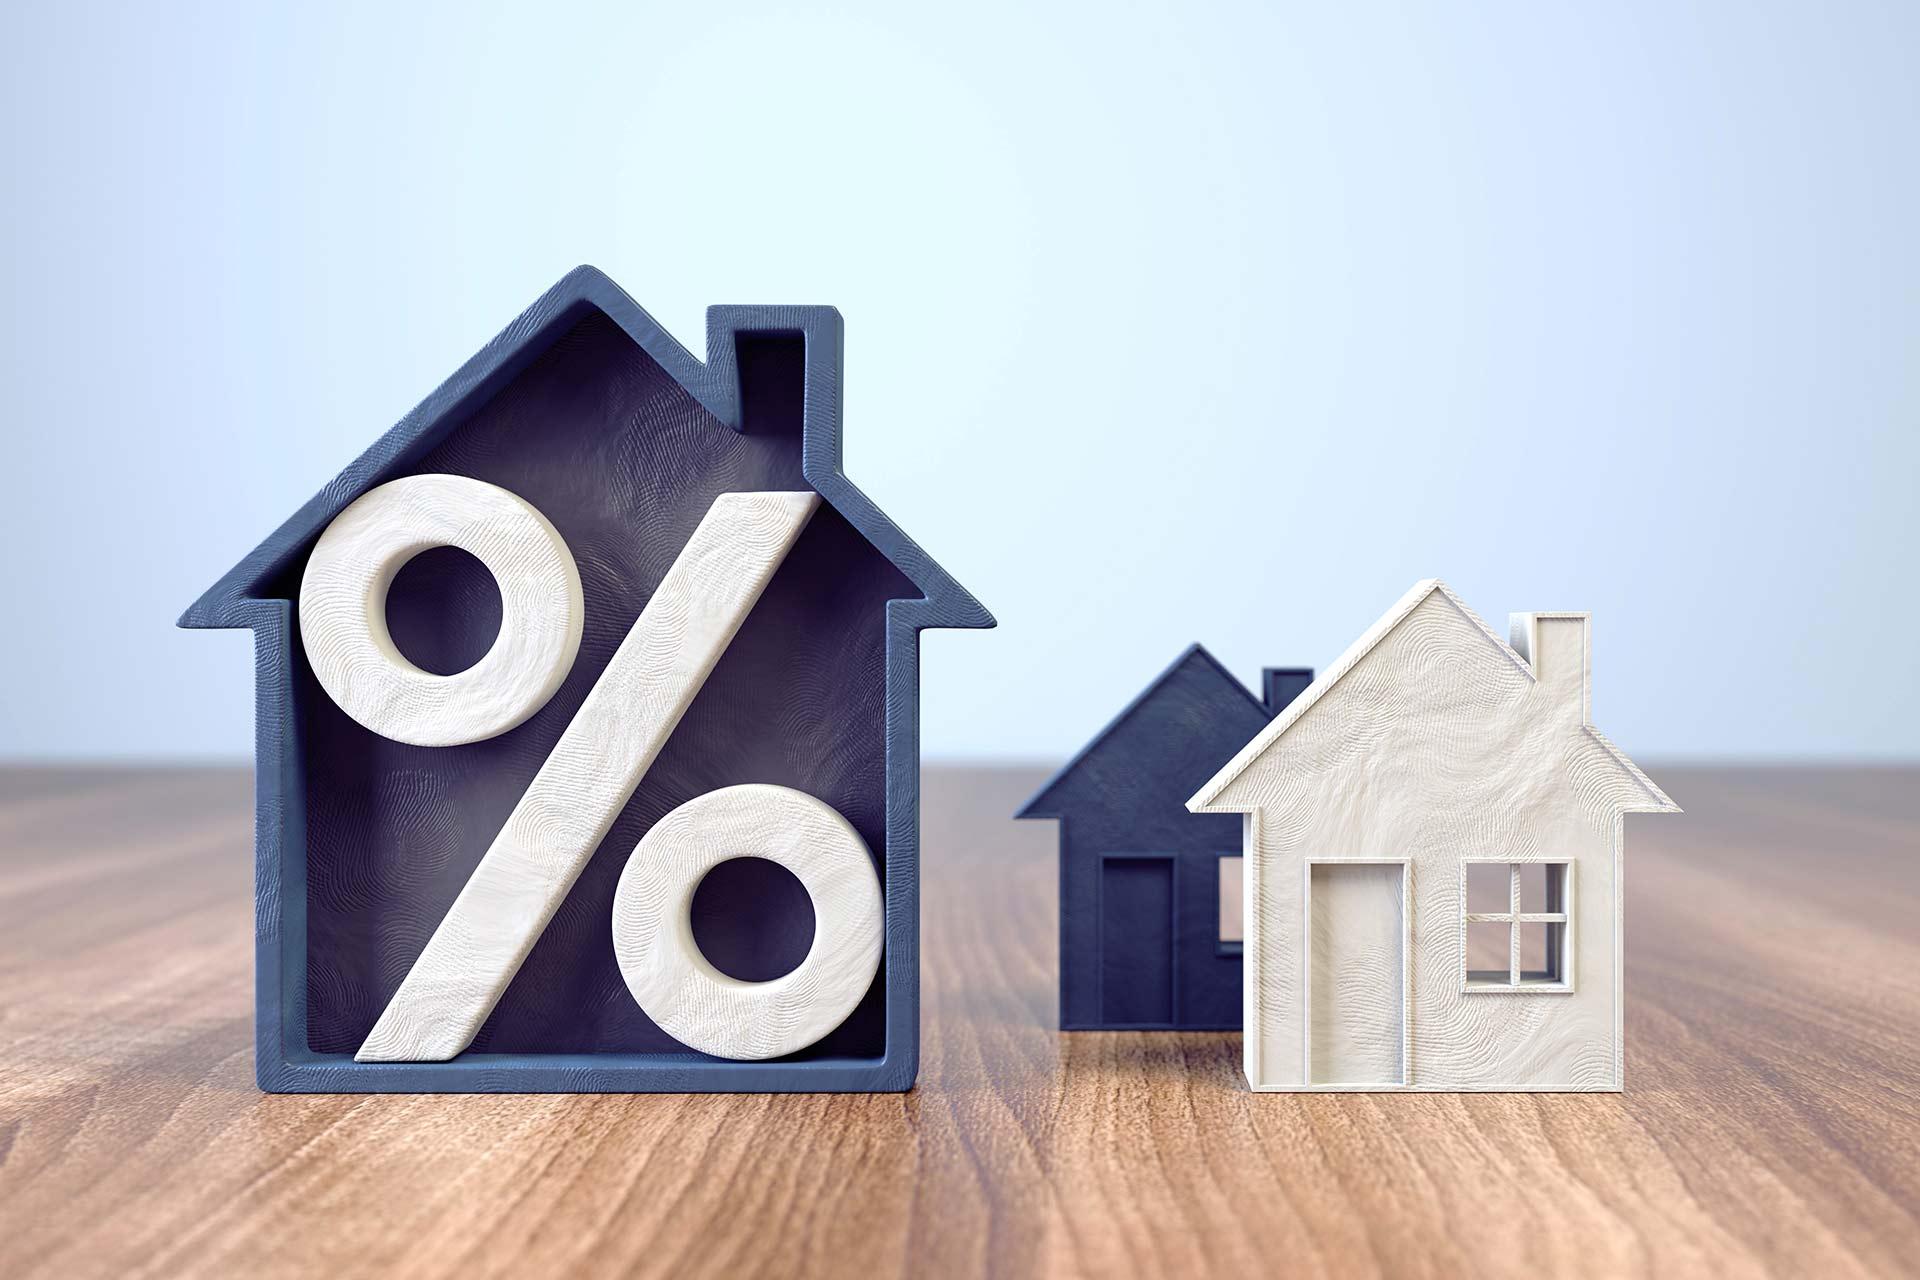 Doe Het Zelfhypotheek